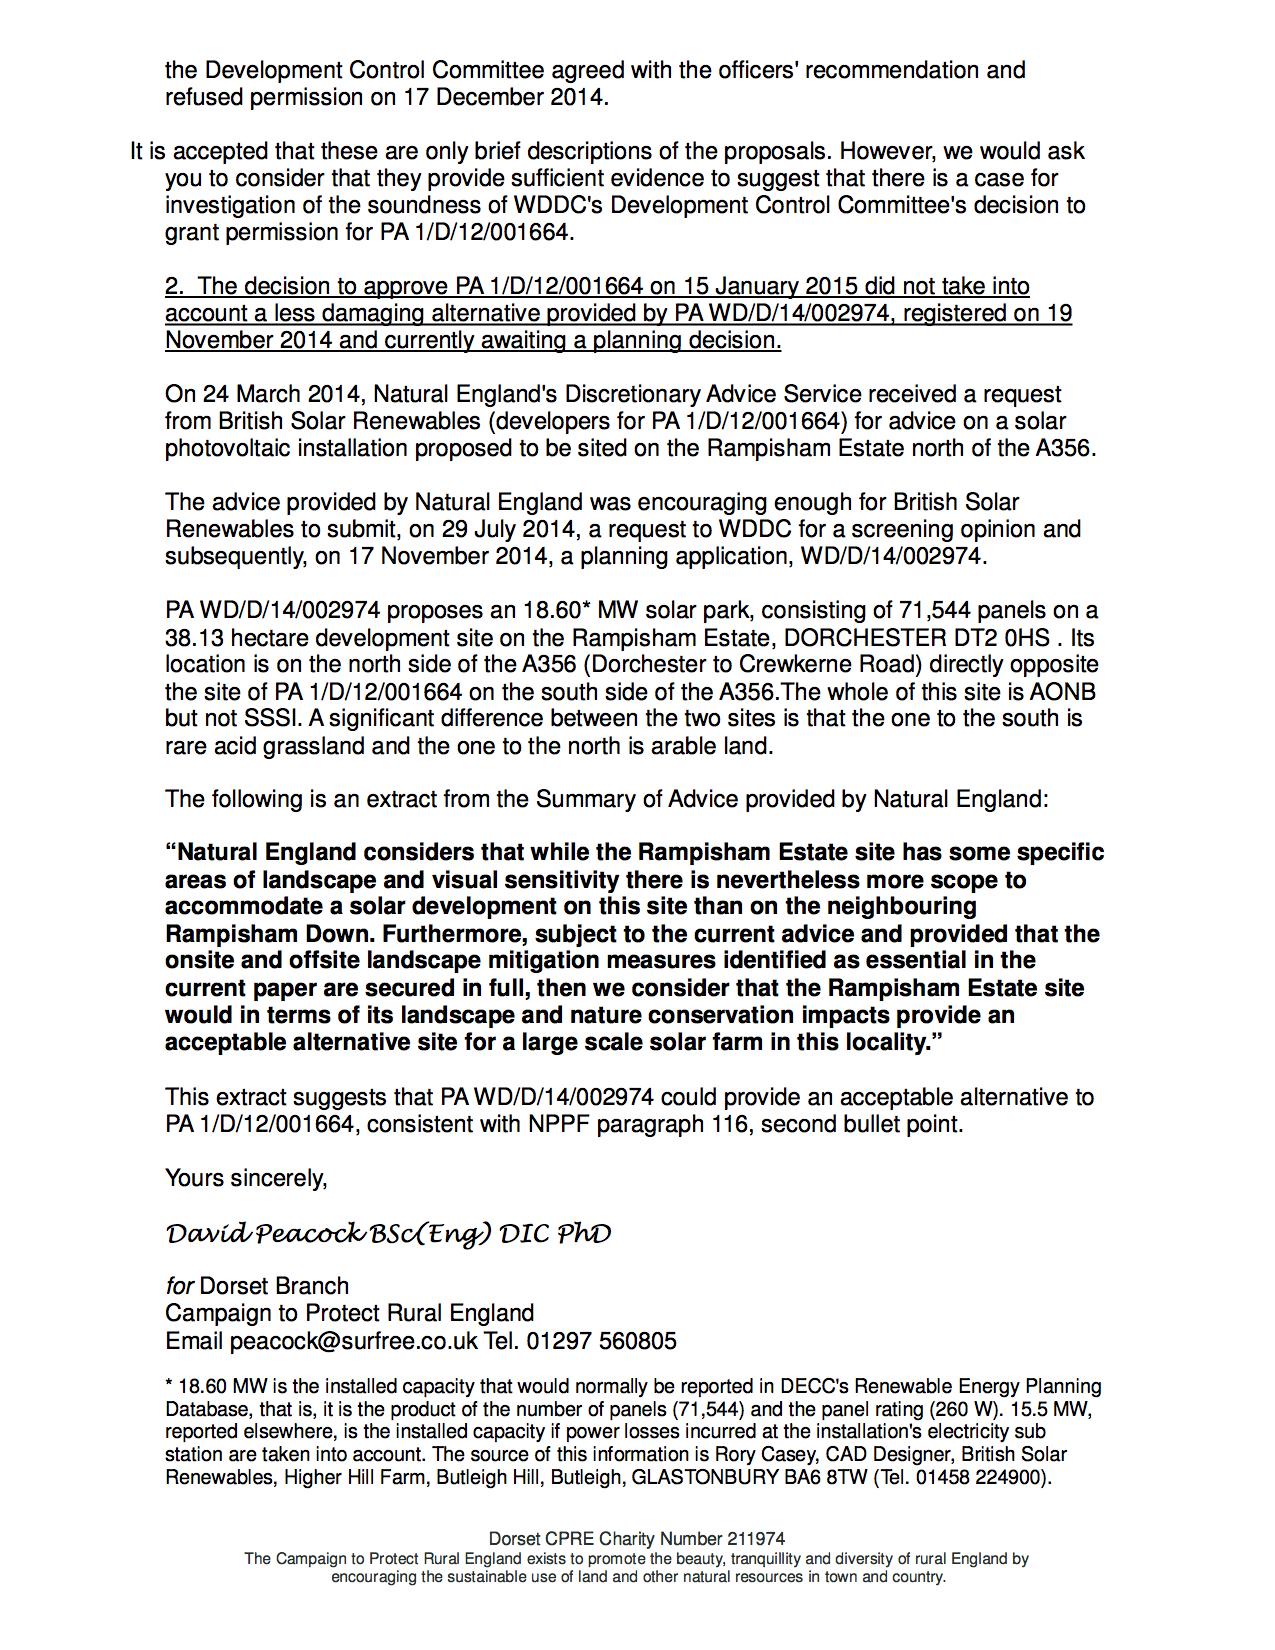 P2 Dorset CPRE Letter To NPCU Ref Call In 1 D 12 001664 5 February